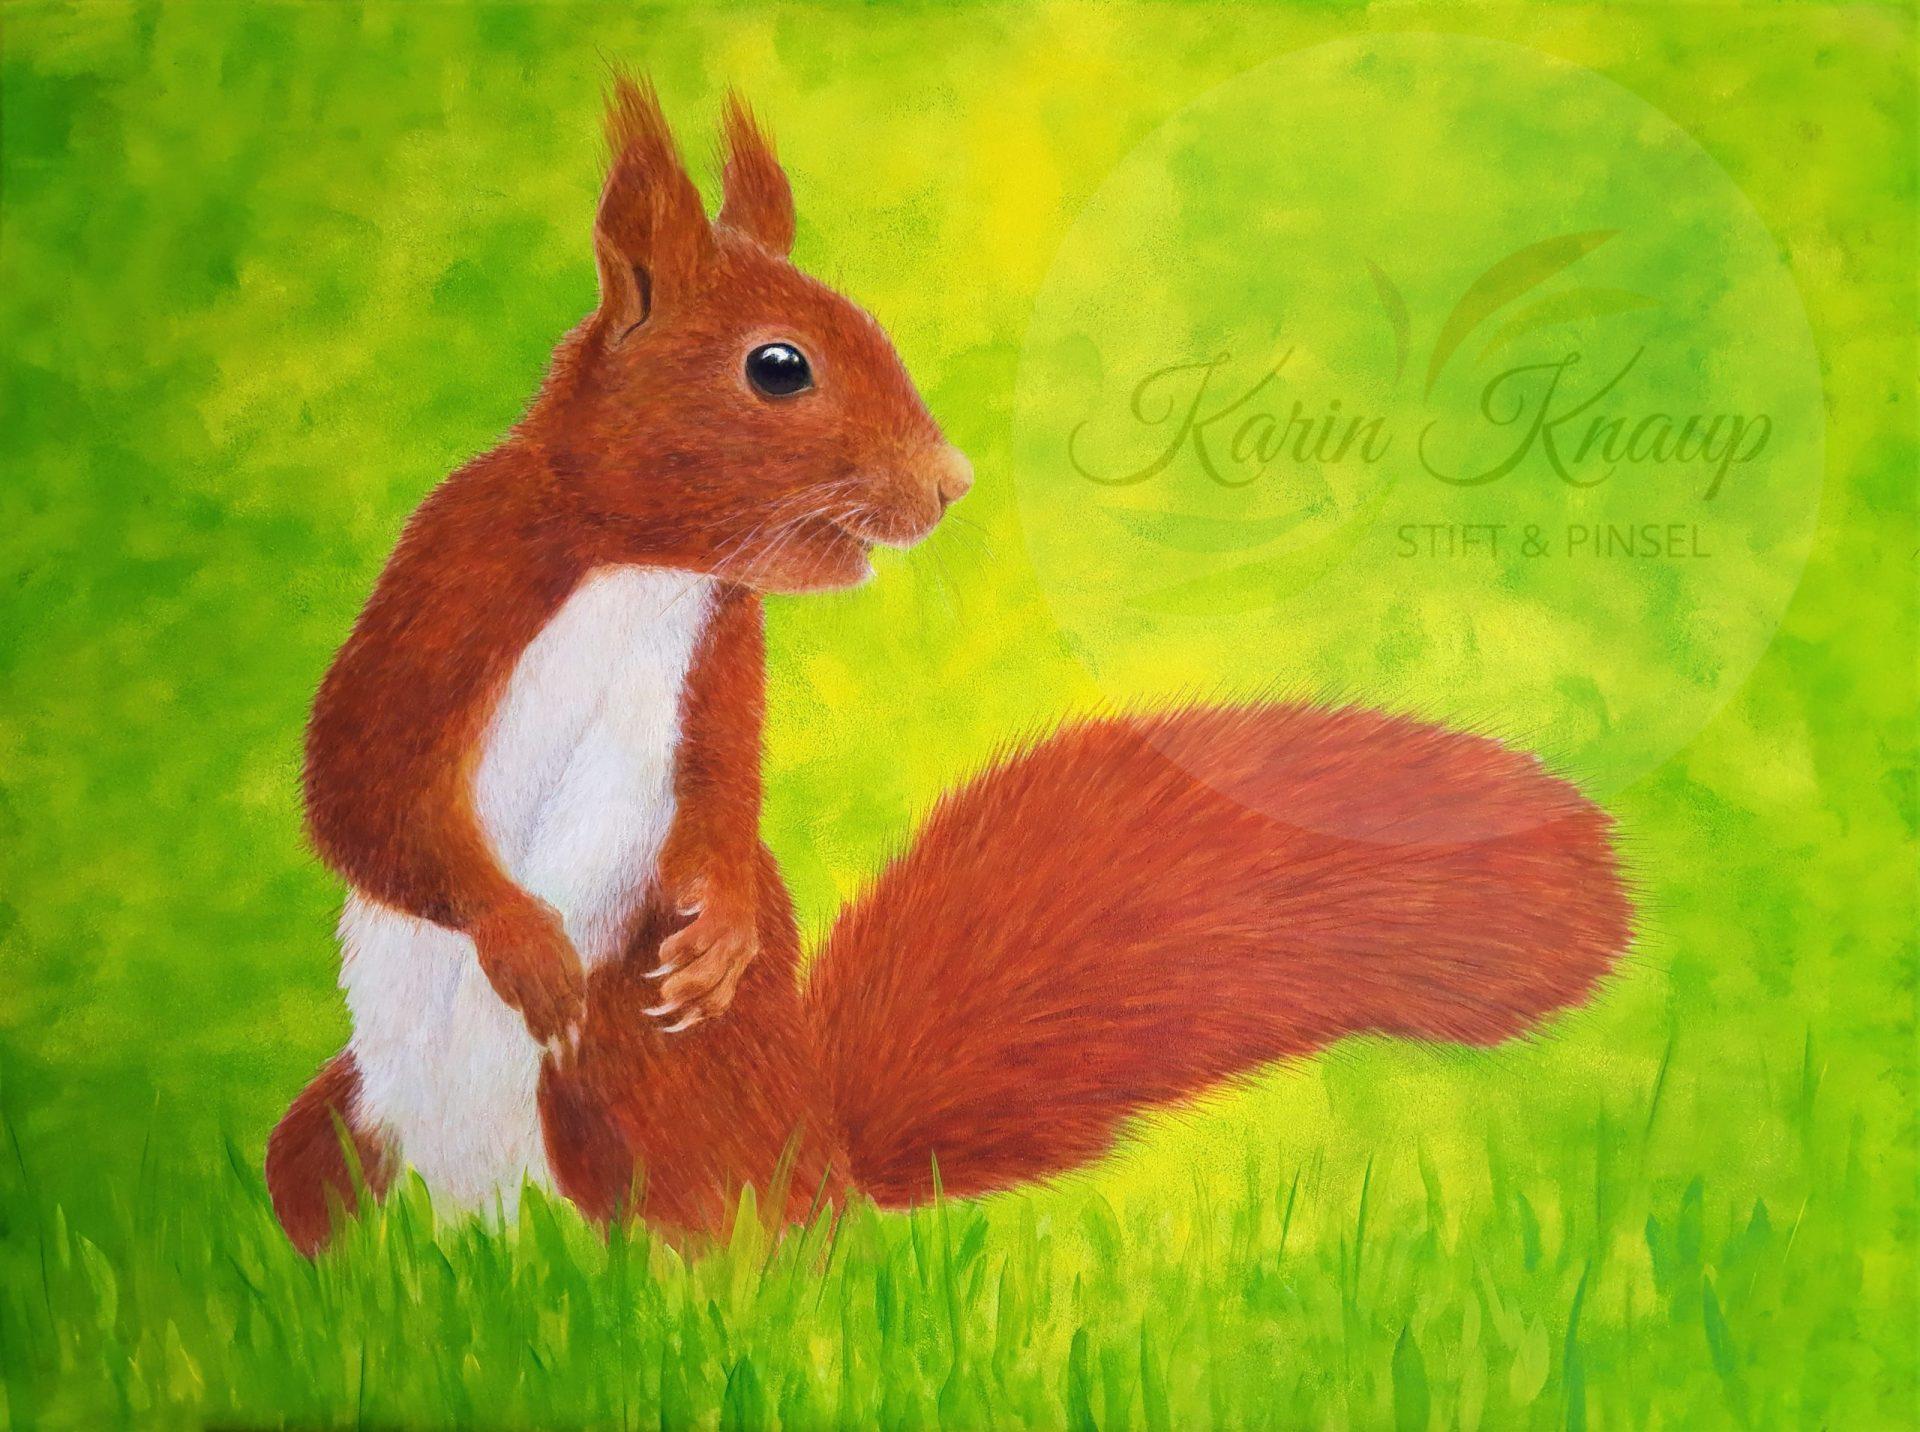 Eichhörnchen im Gras Acryl auf Leinwand